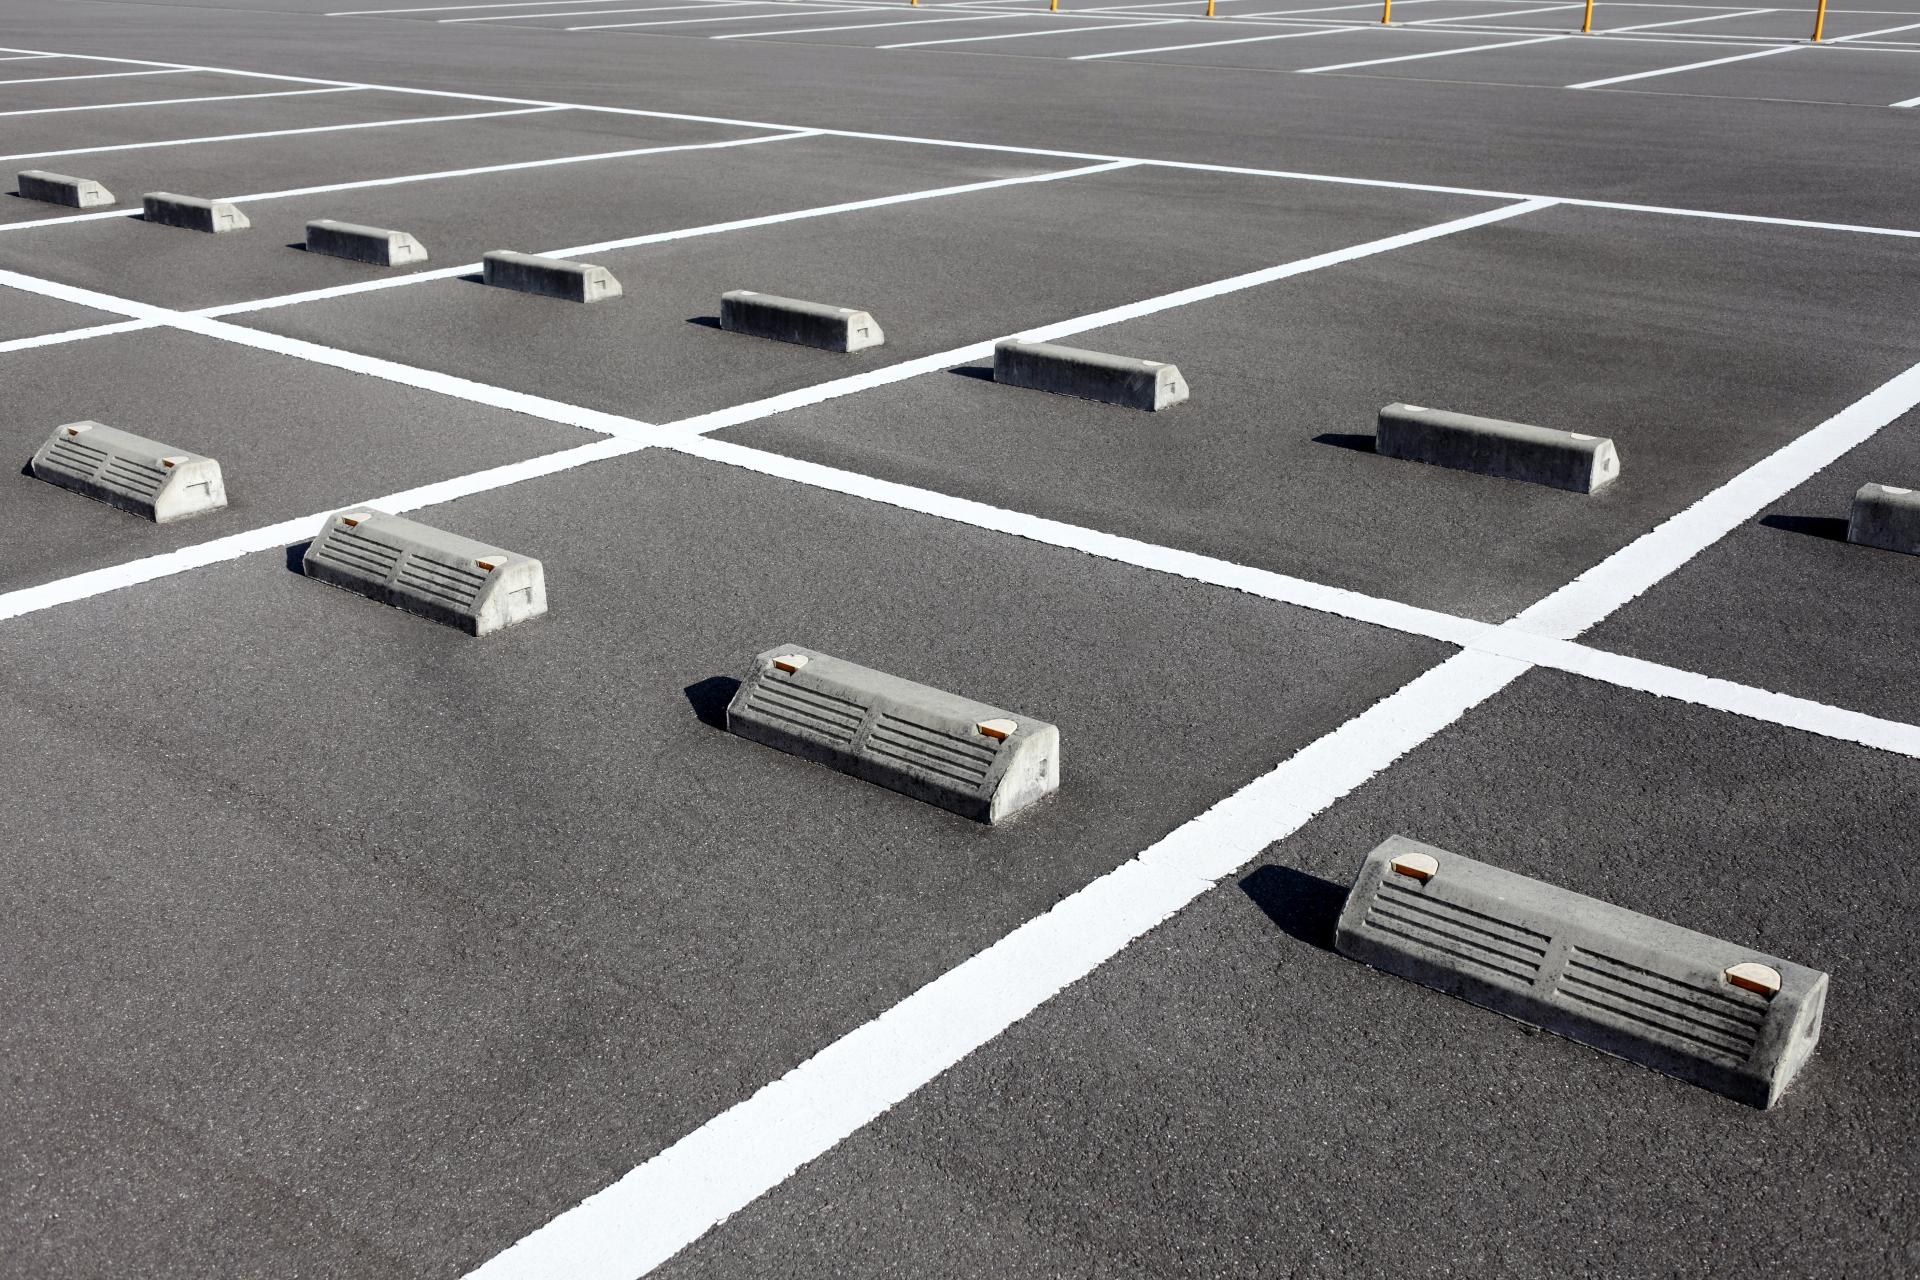 駐車場経営の届け出から許可が下りるまでの流れ